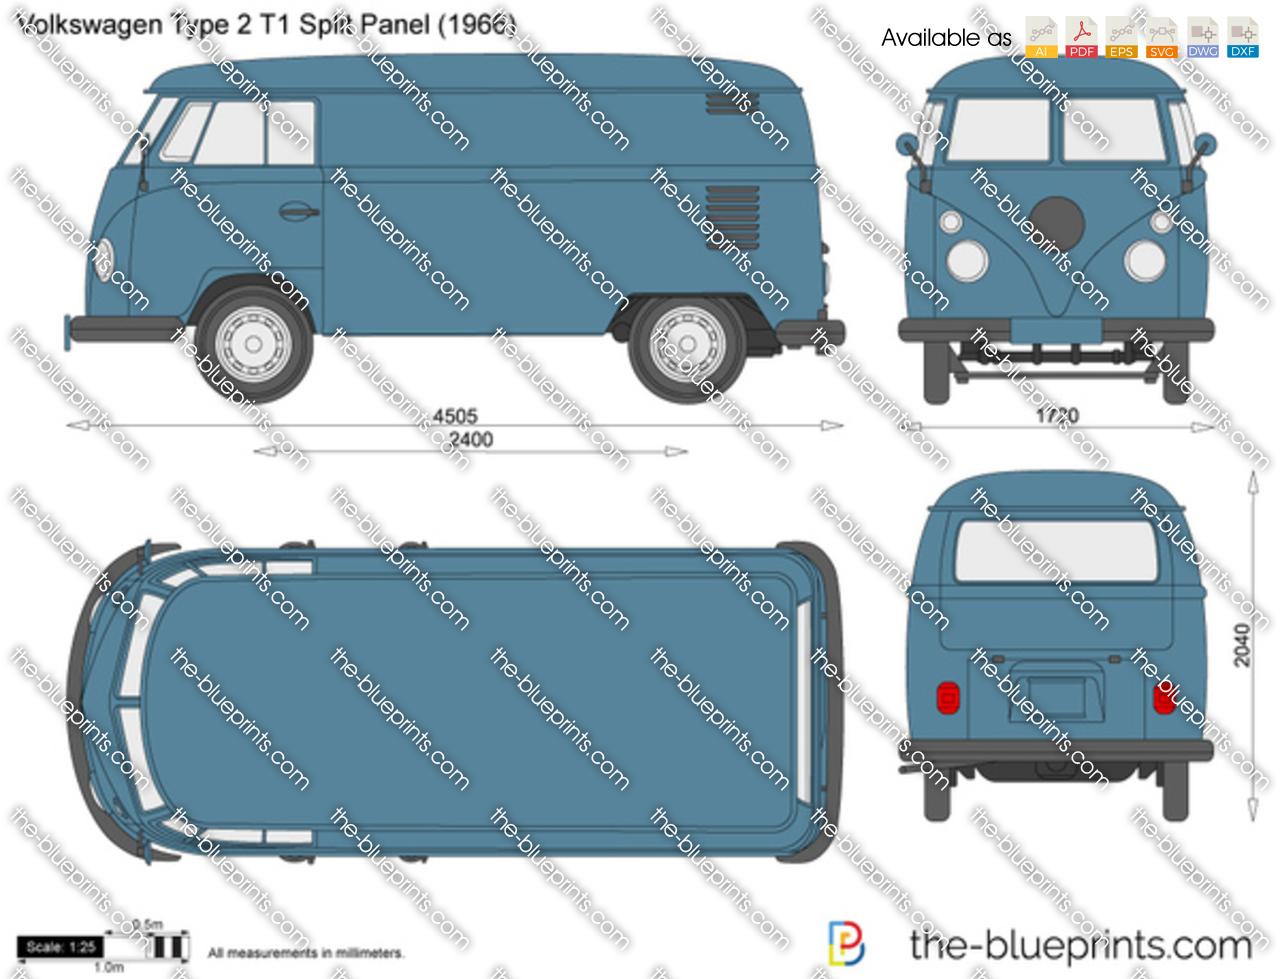 Volkswagen Type 2 T1 Split Panel 1951